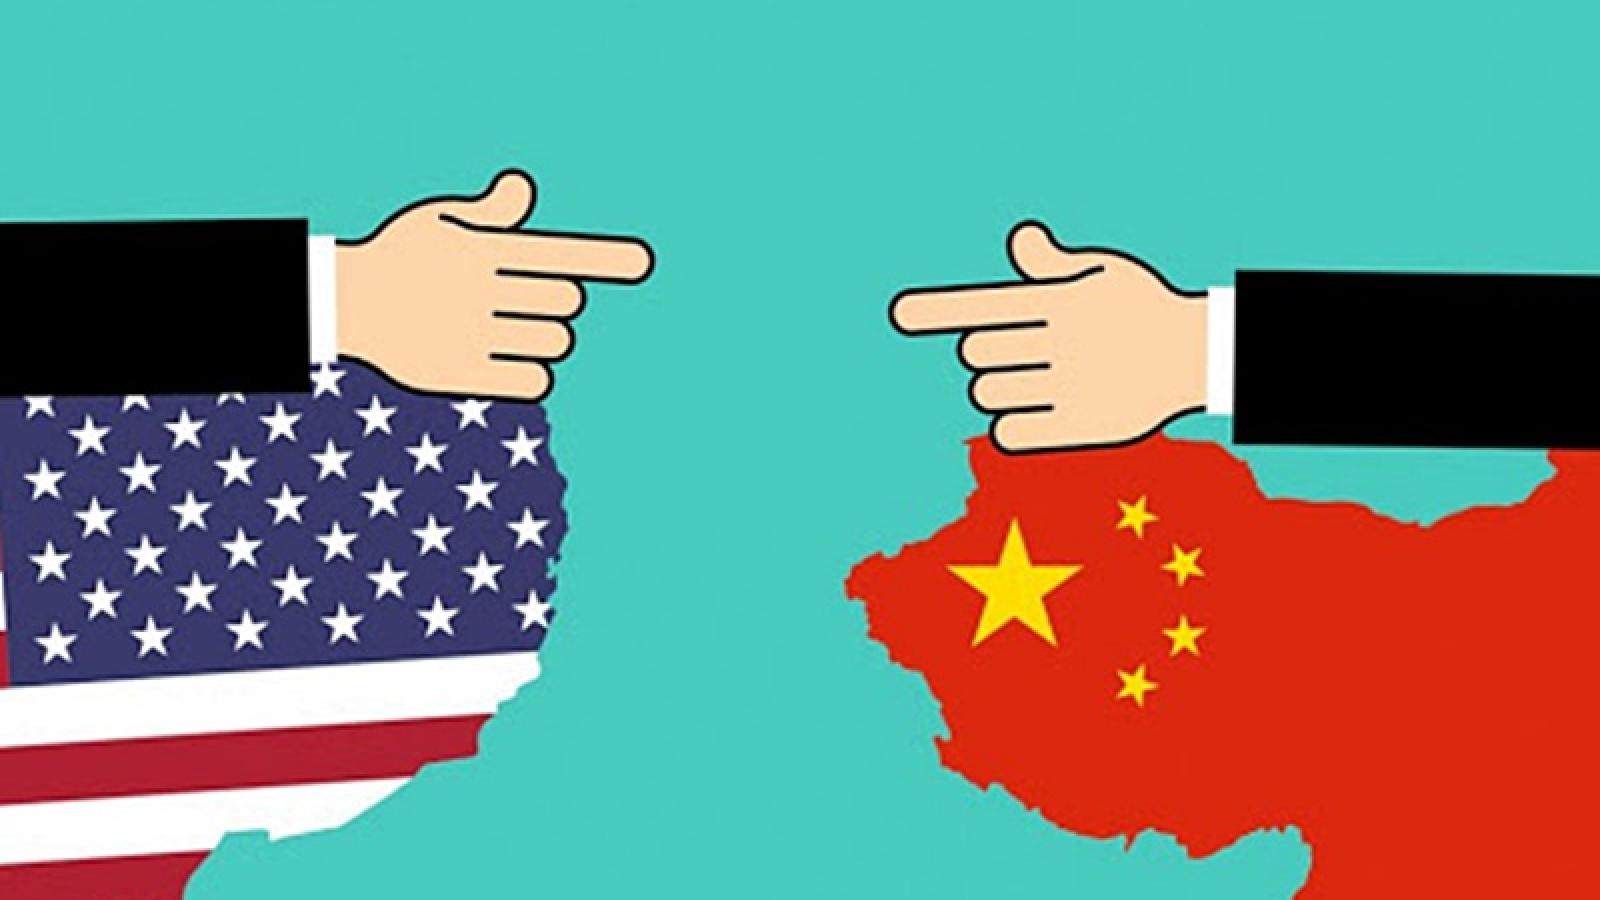 Trung Quốc sẽ trừng phạt các quan chức Mỹ thăm Đài Loan